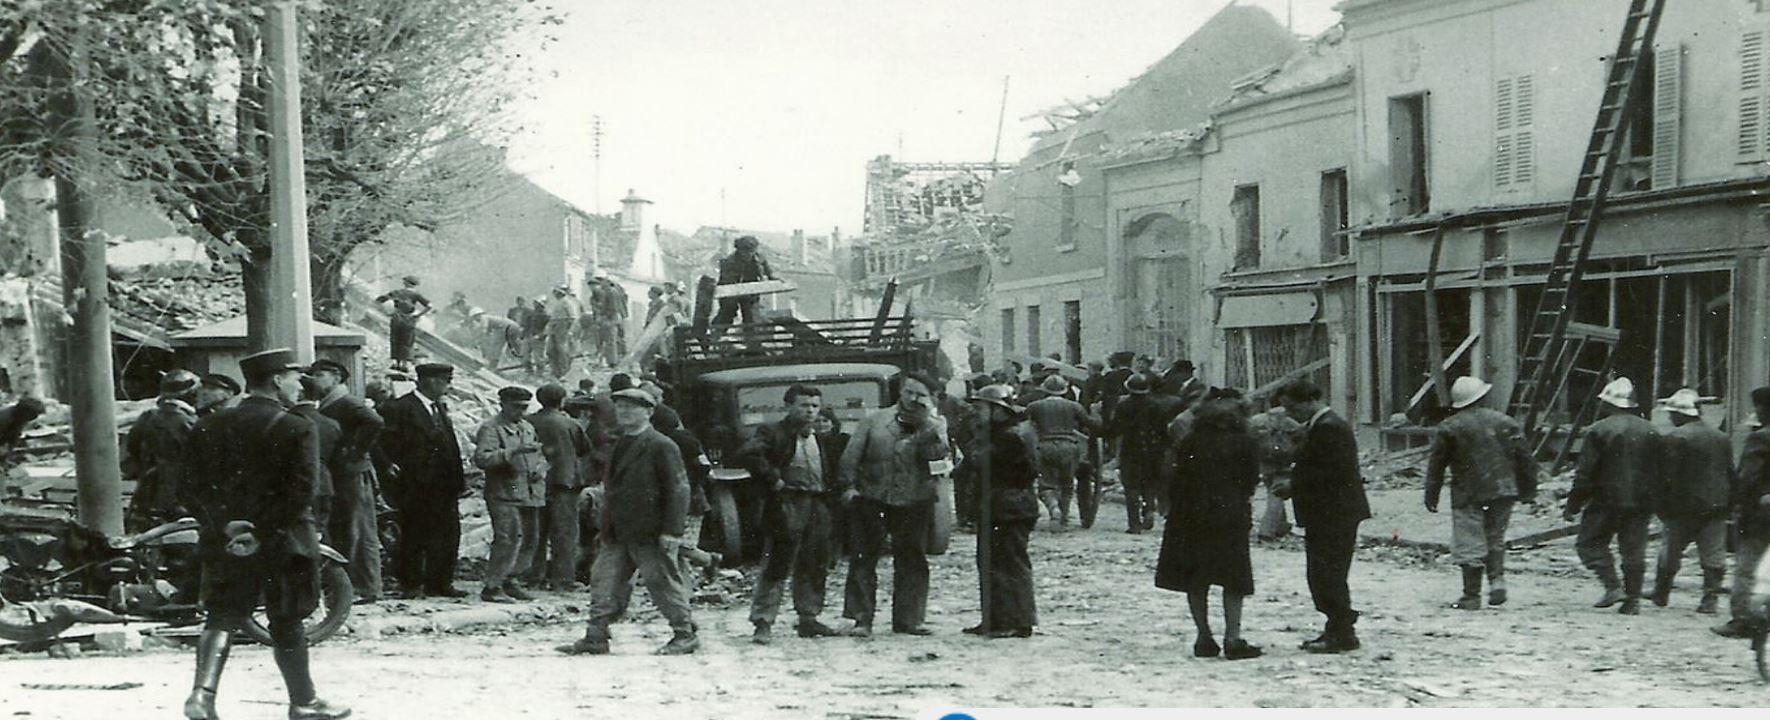 Le cntre ville après la chute du V2 (extrait site internet de la ville de Deuiml-la-Barre)